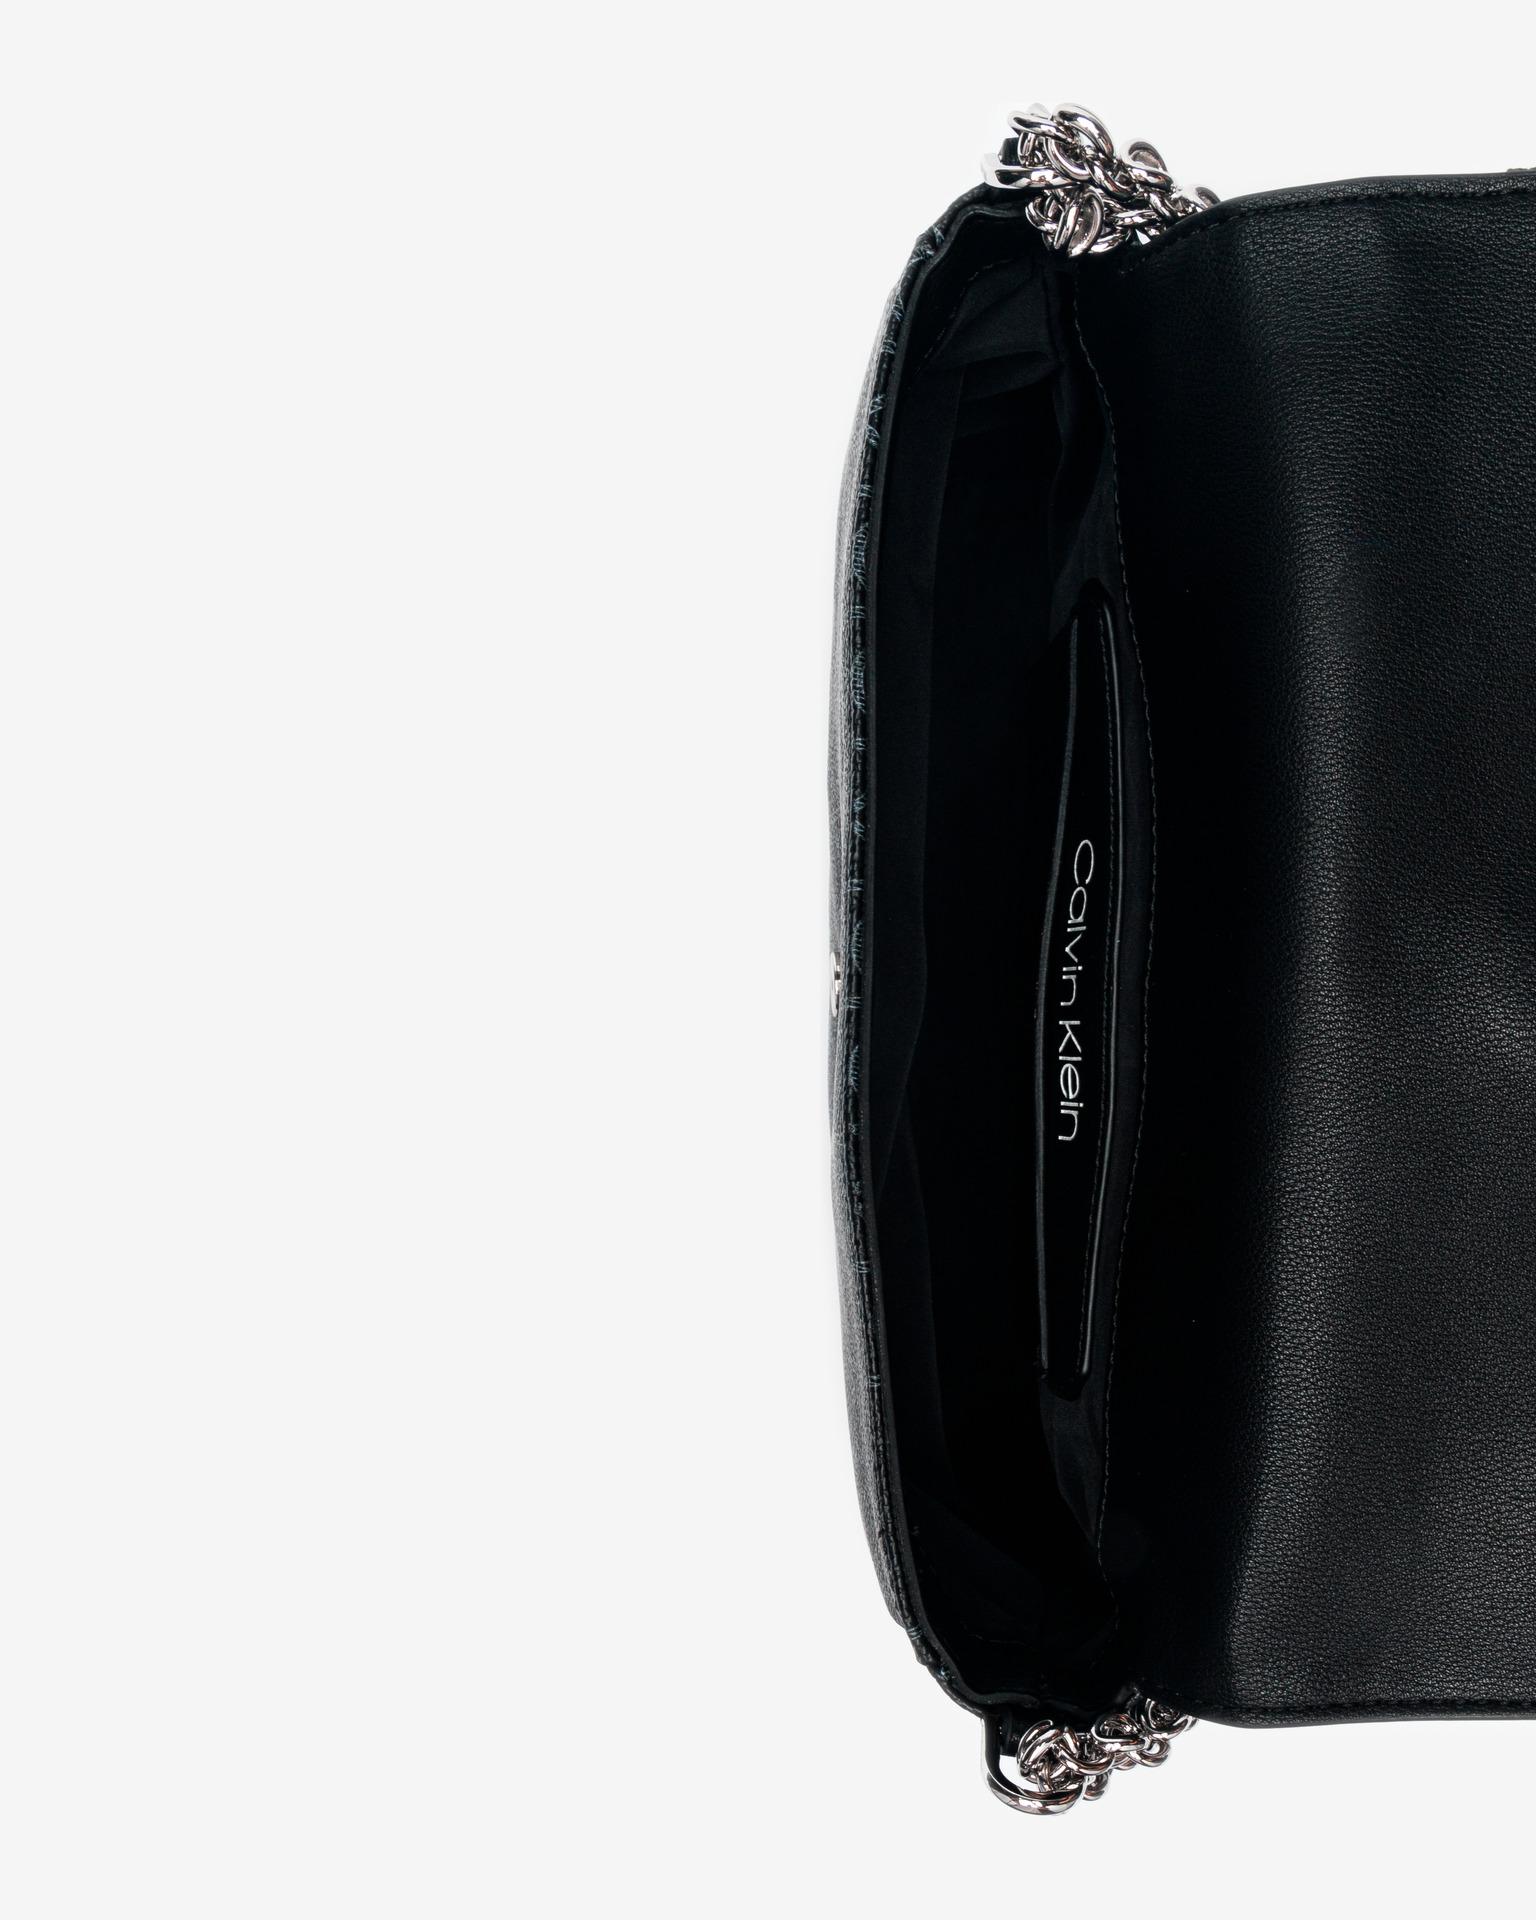 Calvin Klein czarny torebka